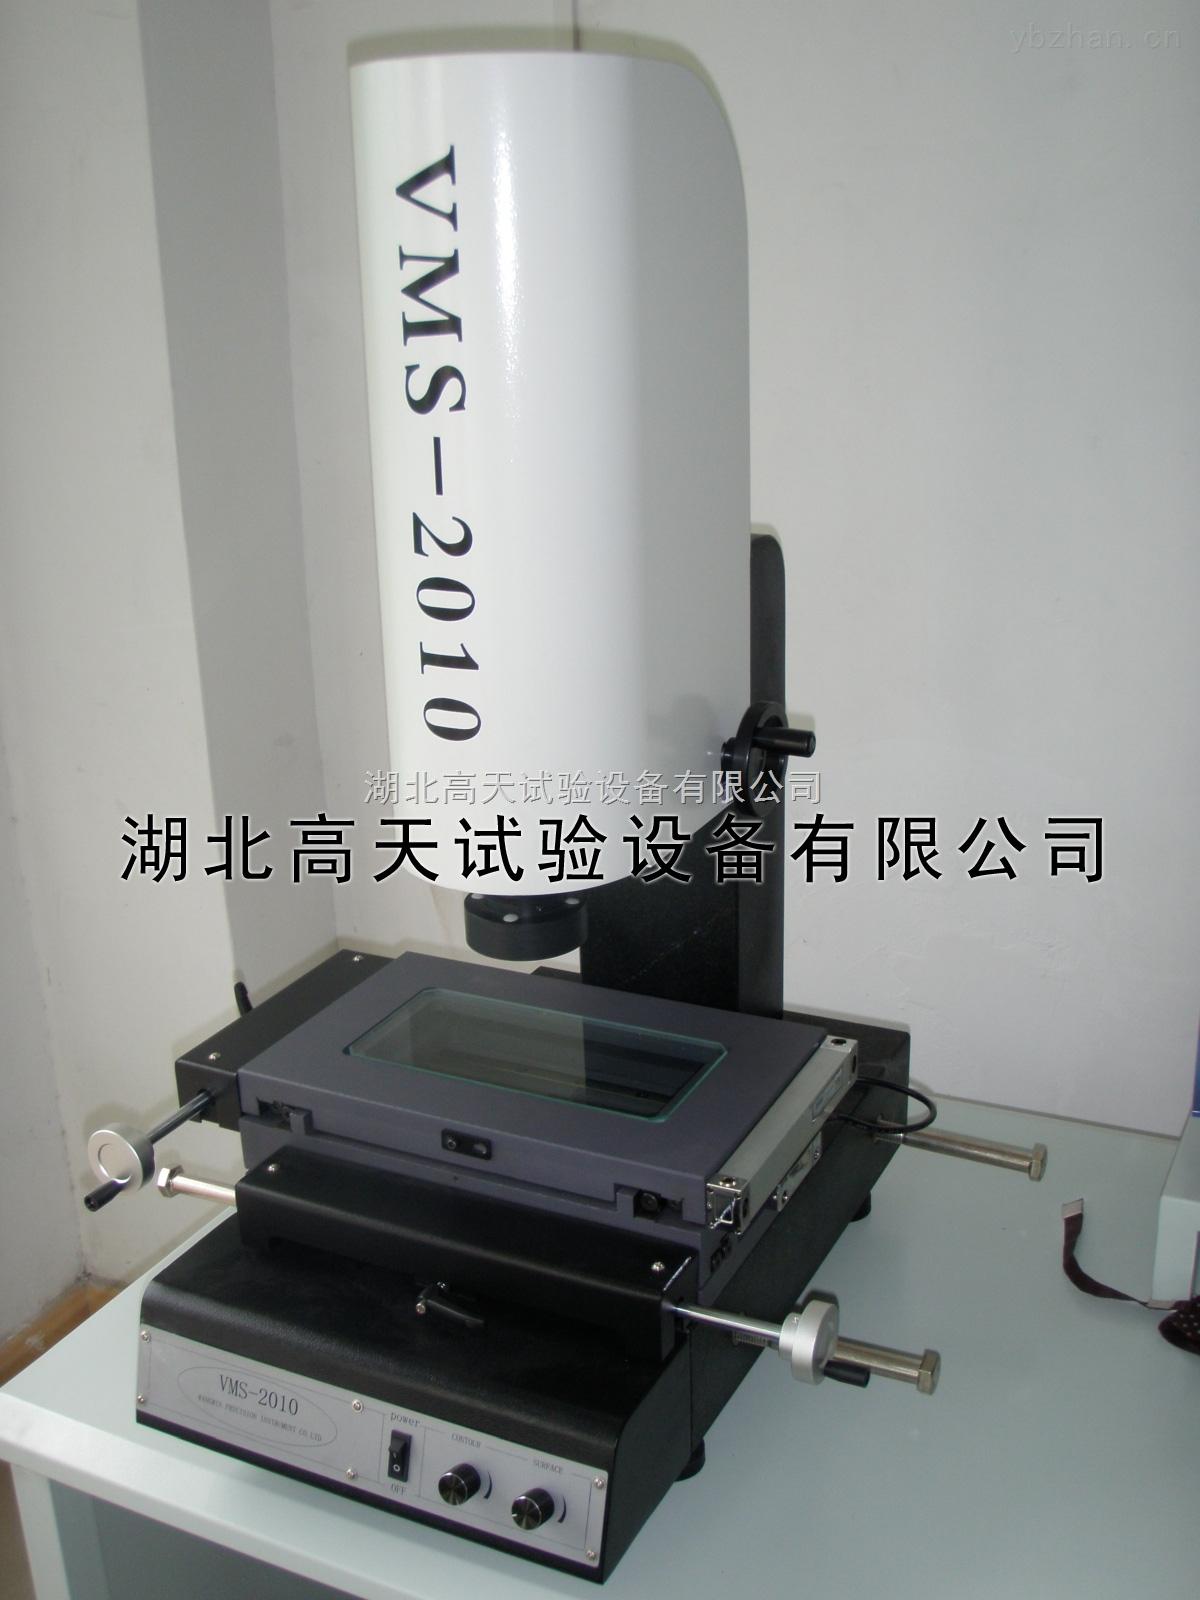 VMS2010-影像測量儀二次元